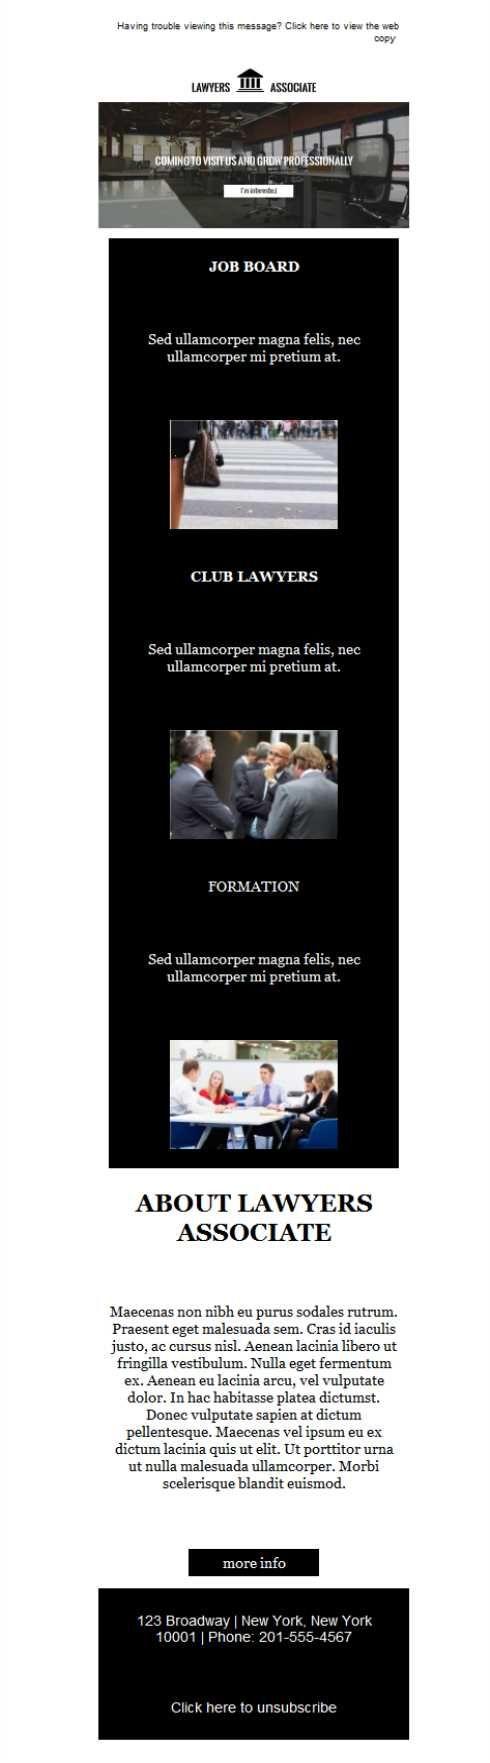 Plantillas newsletter para asociaciones profesionales. ¿A qué ...